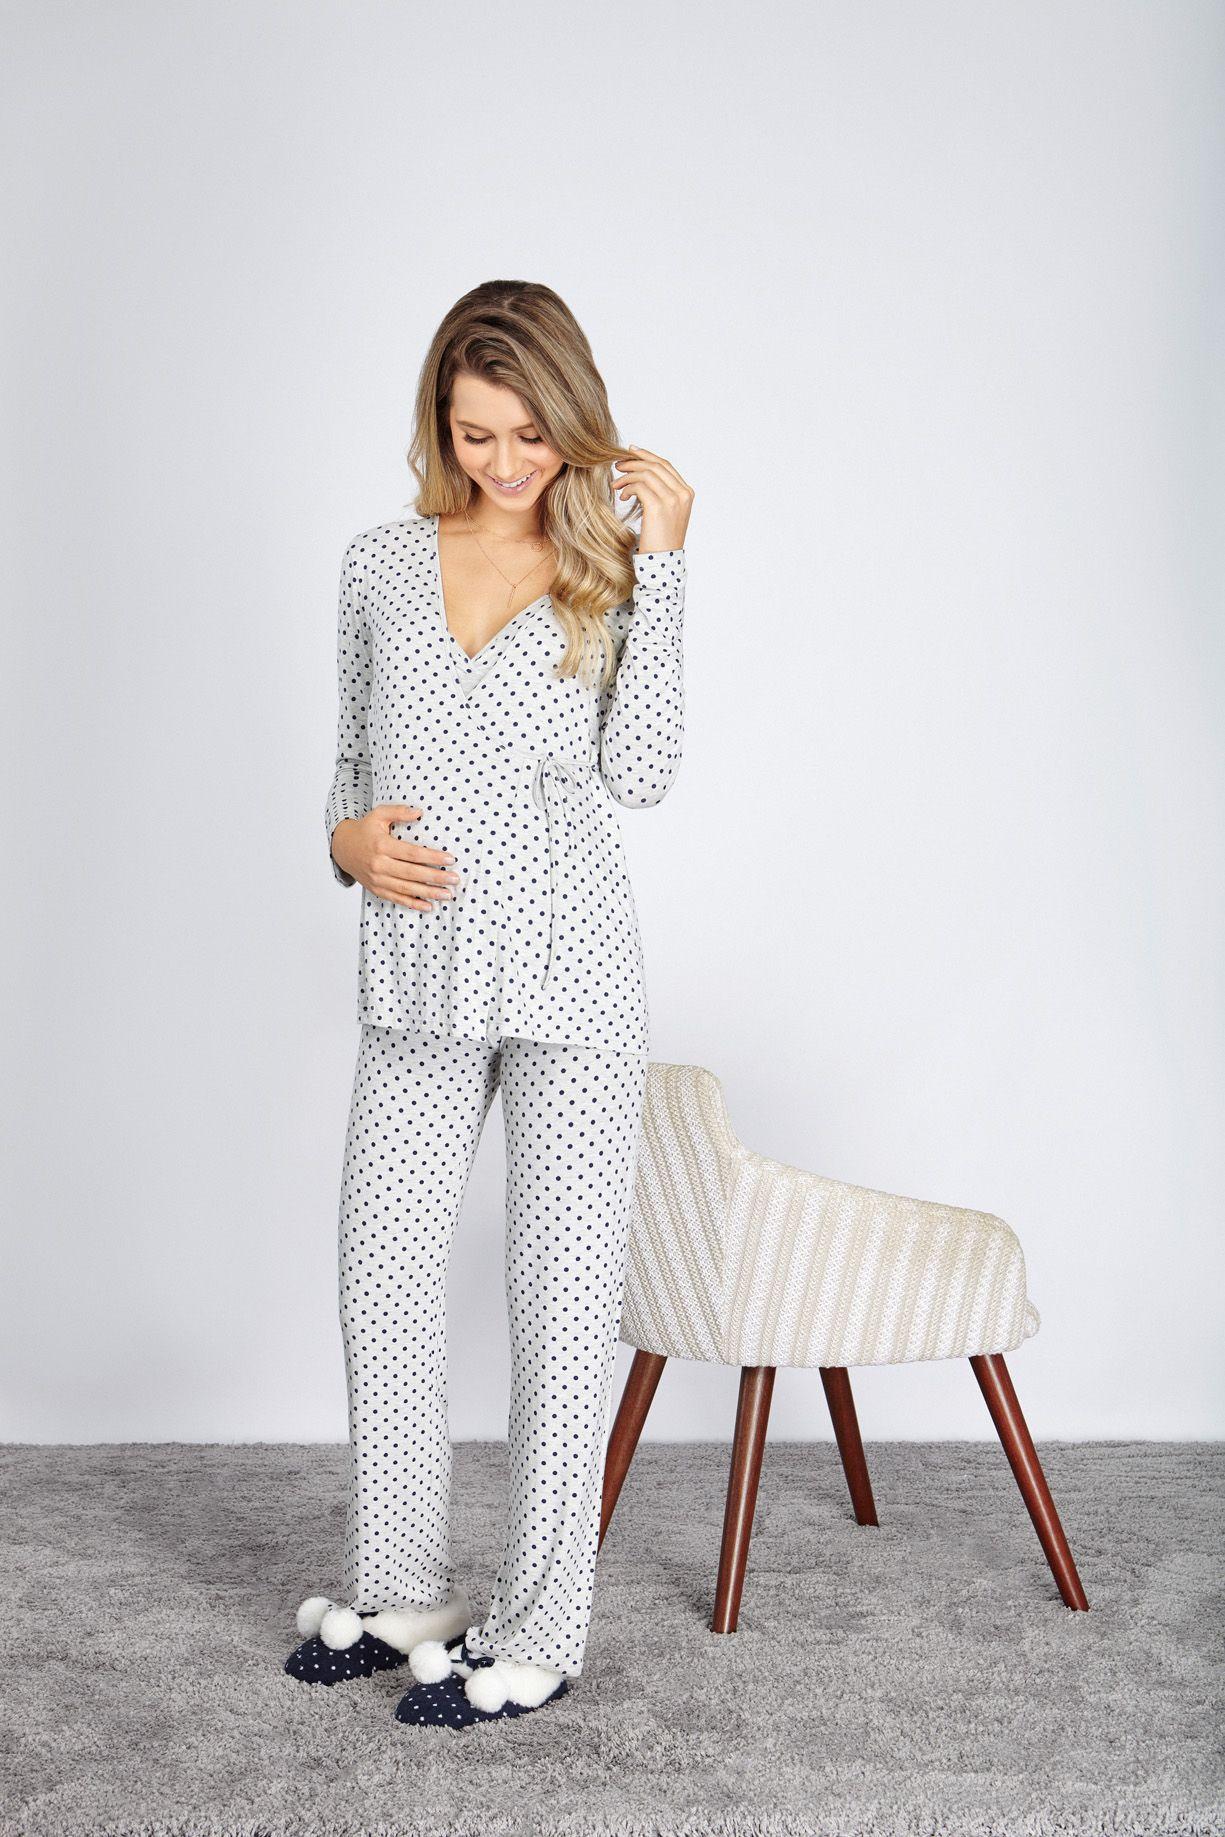 bbe0b45f0 Pijamas funcionais